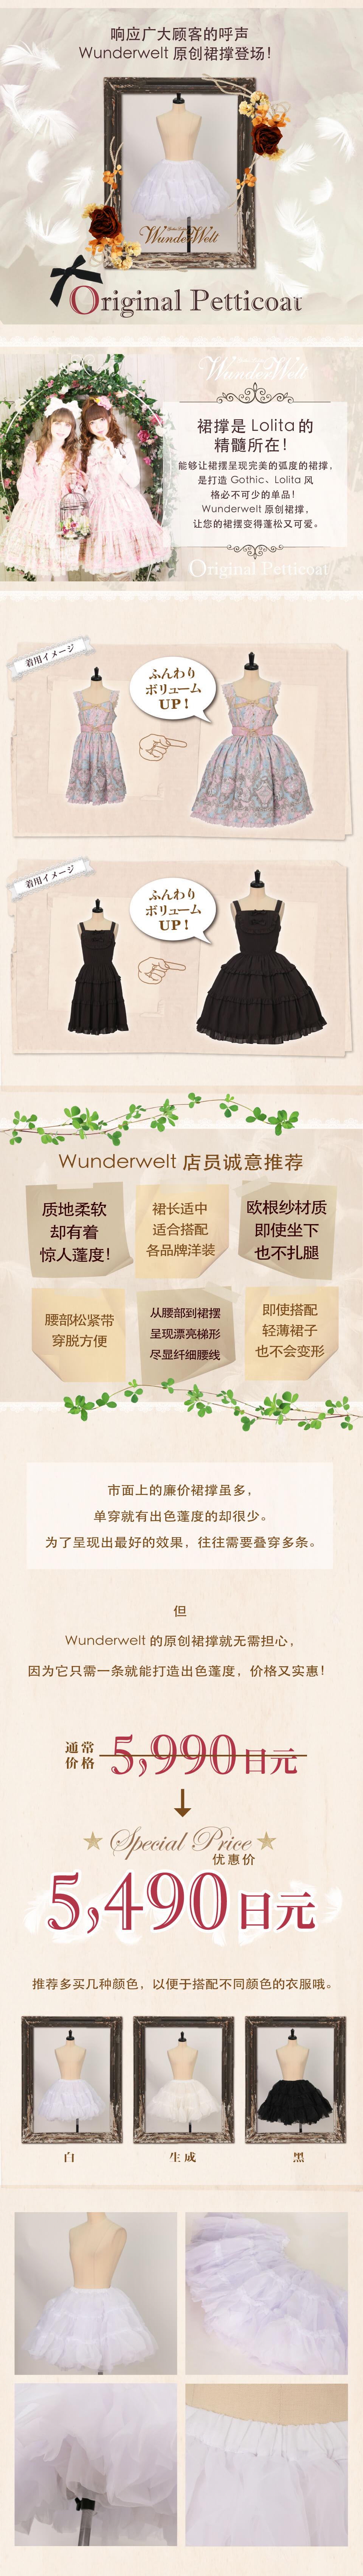 Petticoat01 zh cn ce3ee21992d11b551d3e48141b40ceec3ddfd1ac2ddc786fc34430c6b3880b85